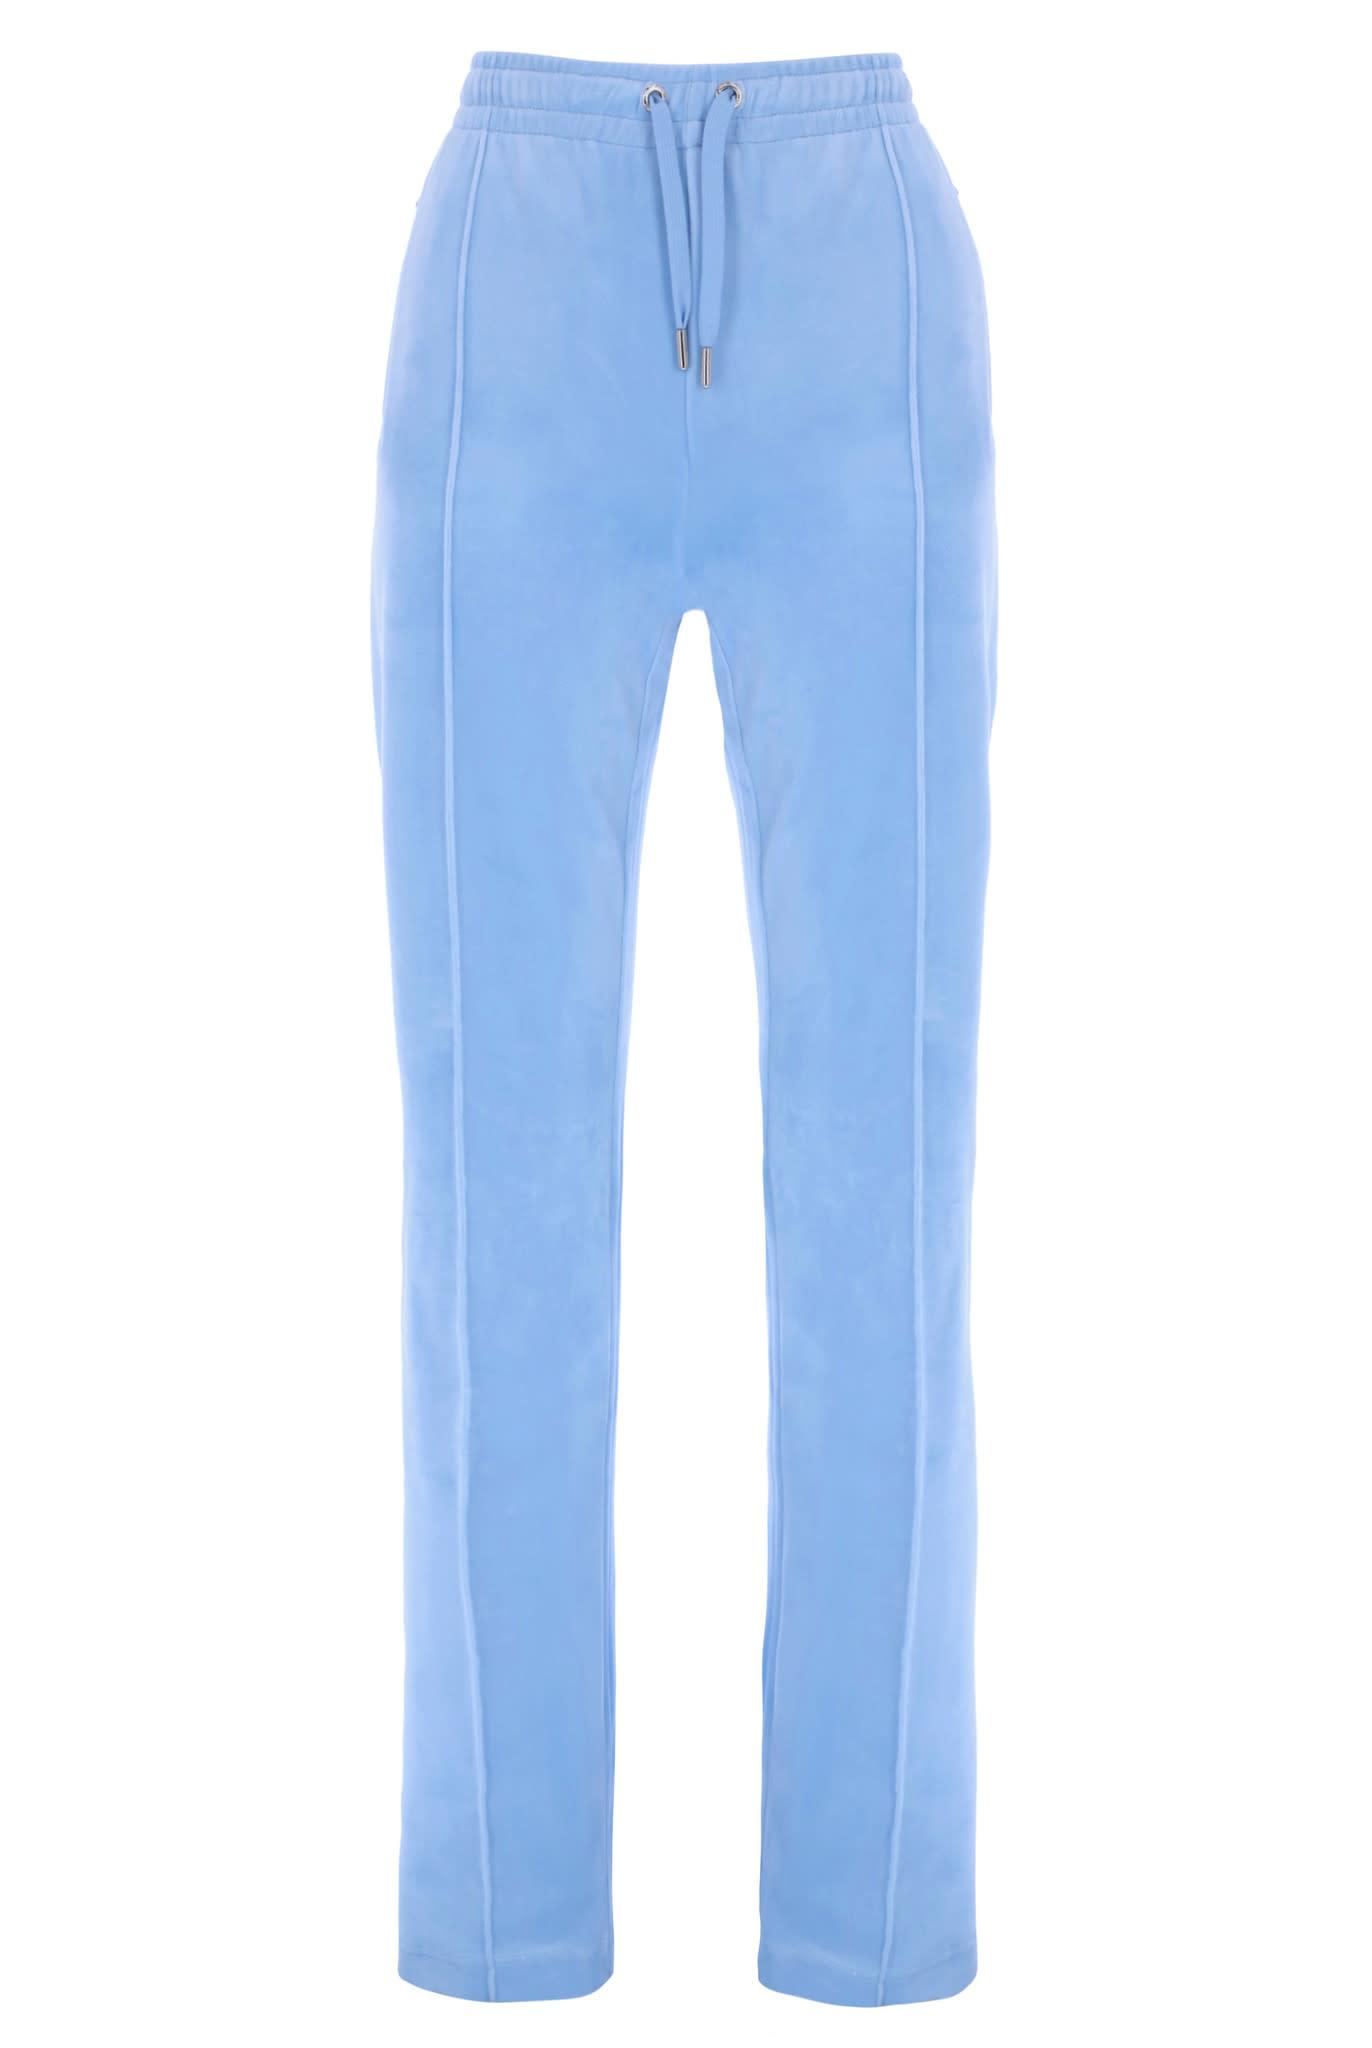 Tina track pants Juicy Couture-6